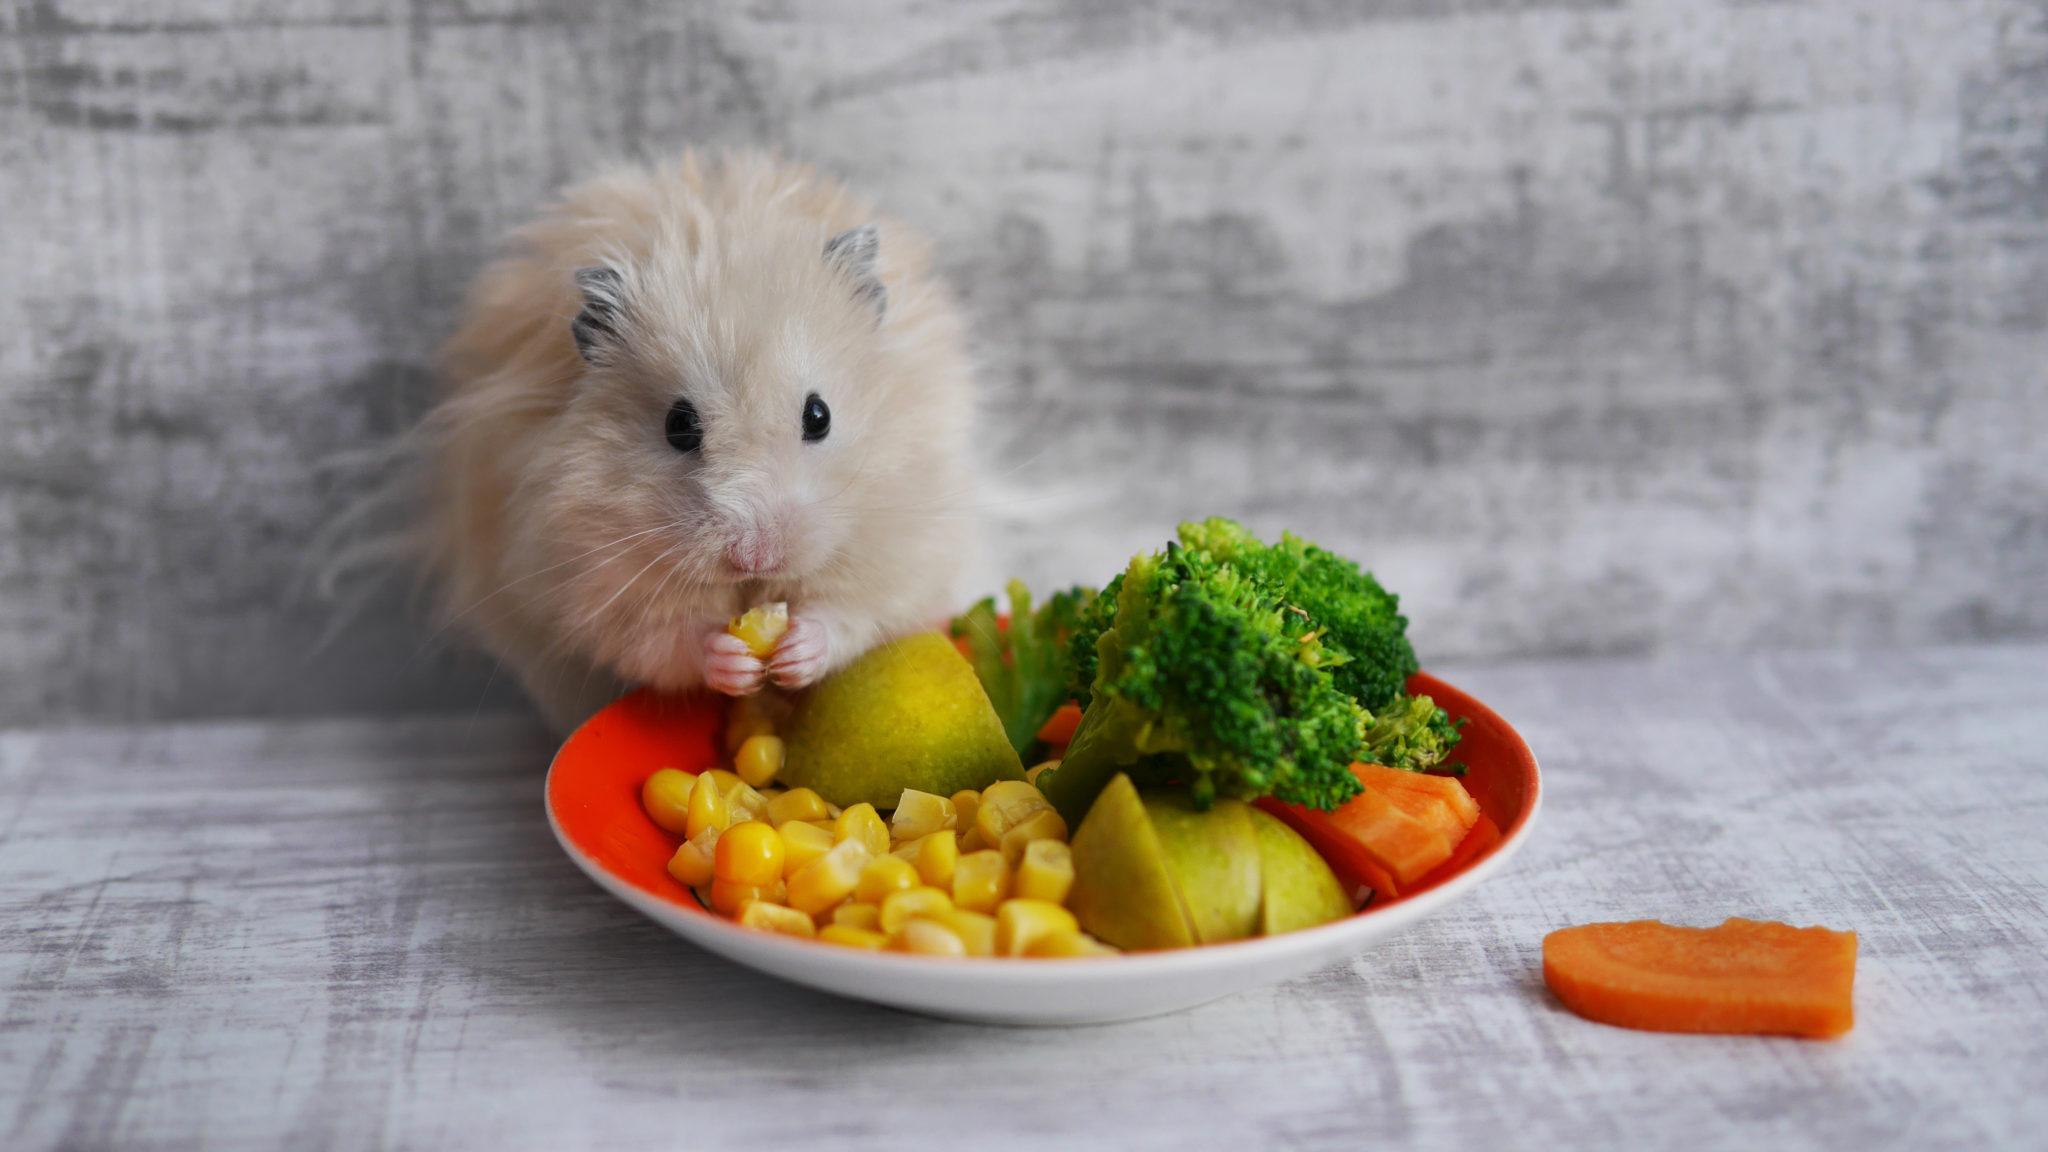 Grünfutter für Kleintiere